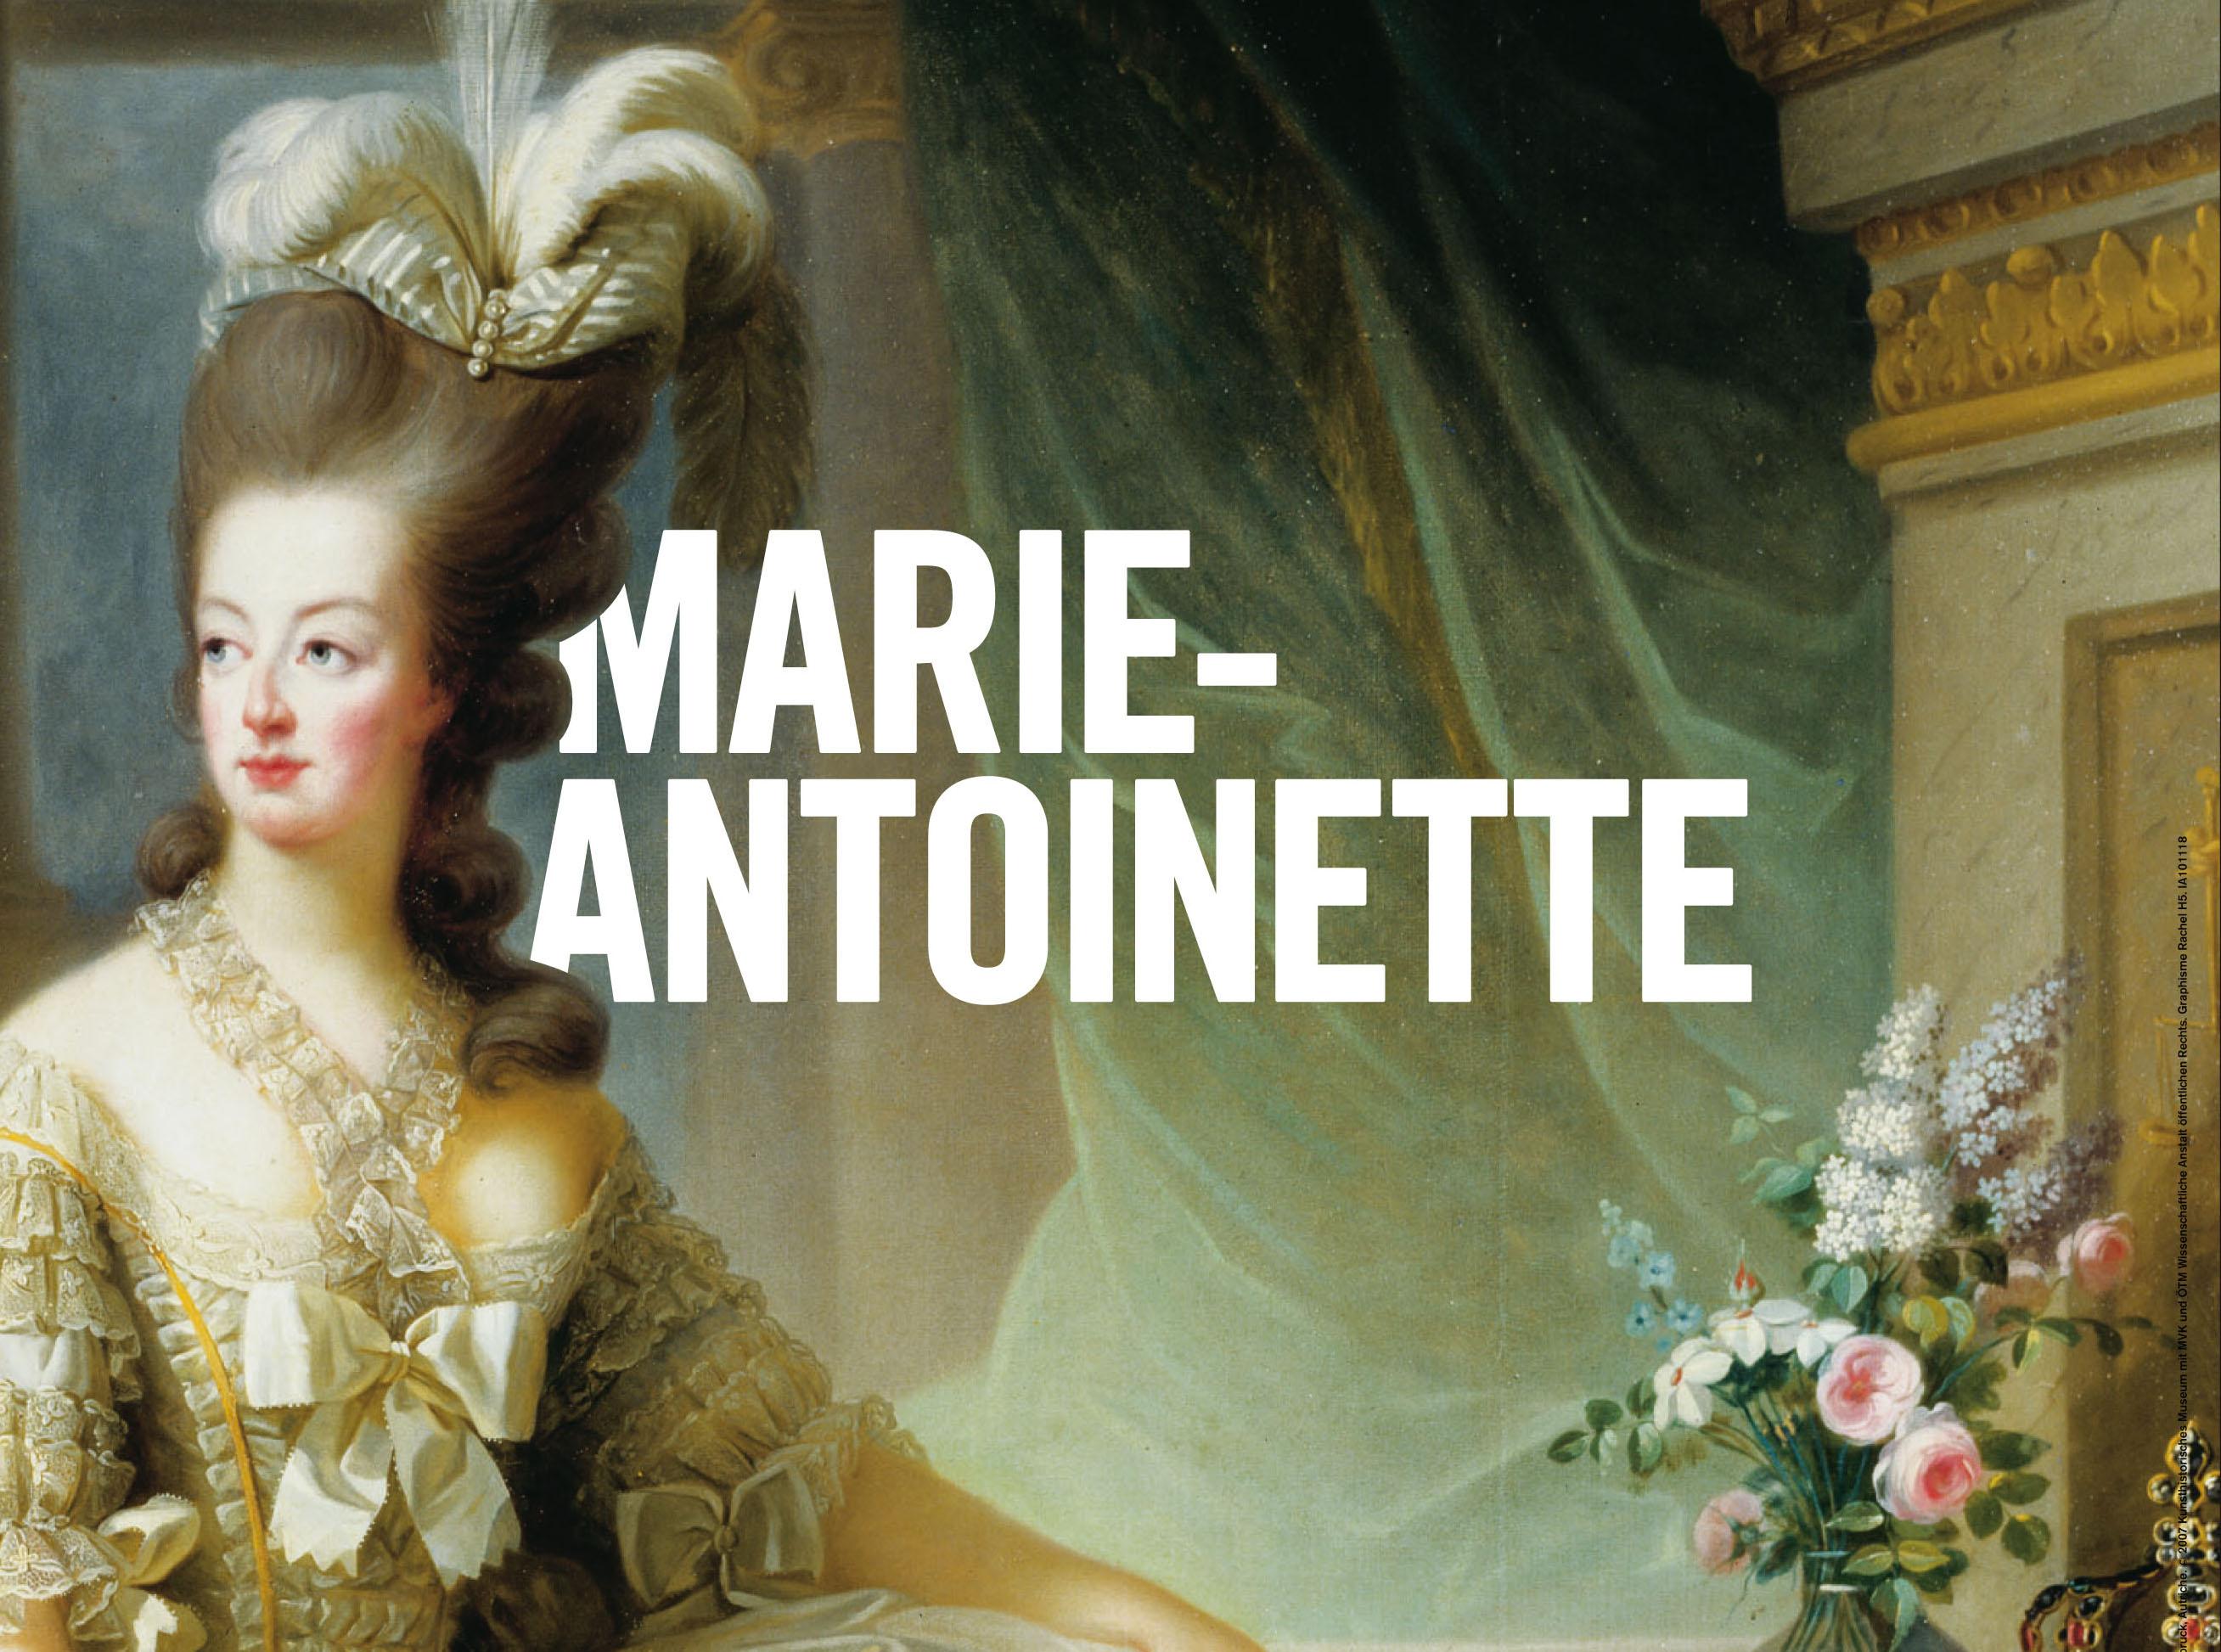 En savoir plus sur Marie-Antoinette | RMN - Grand Palais